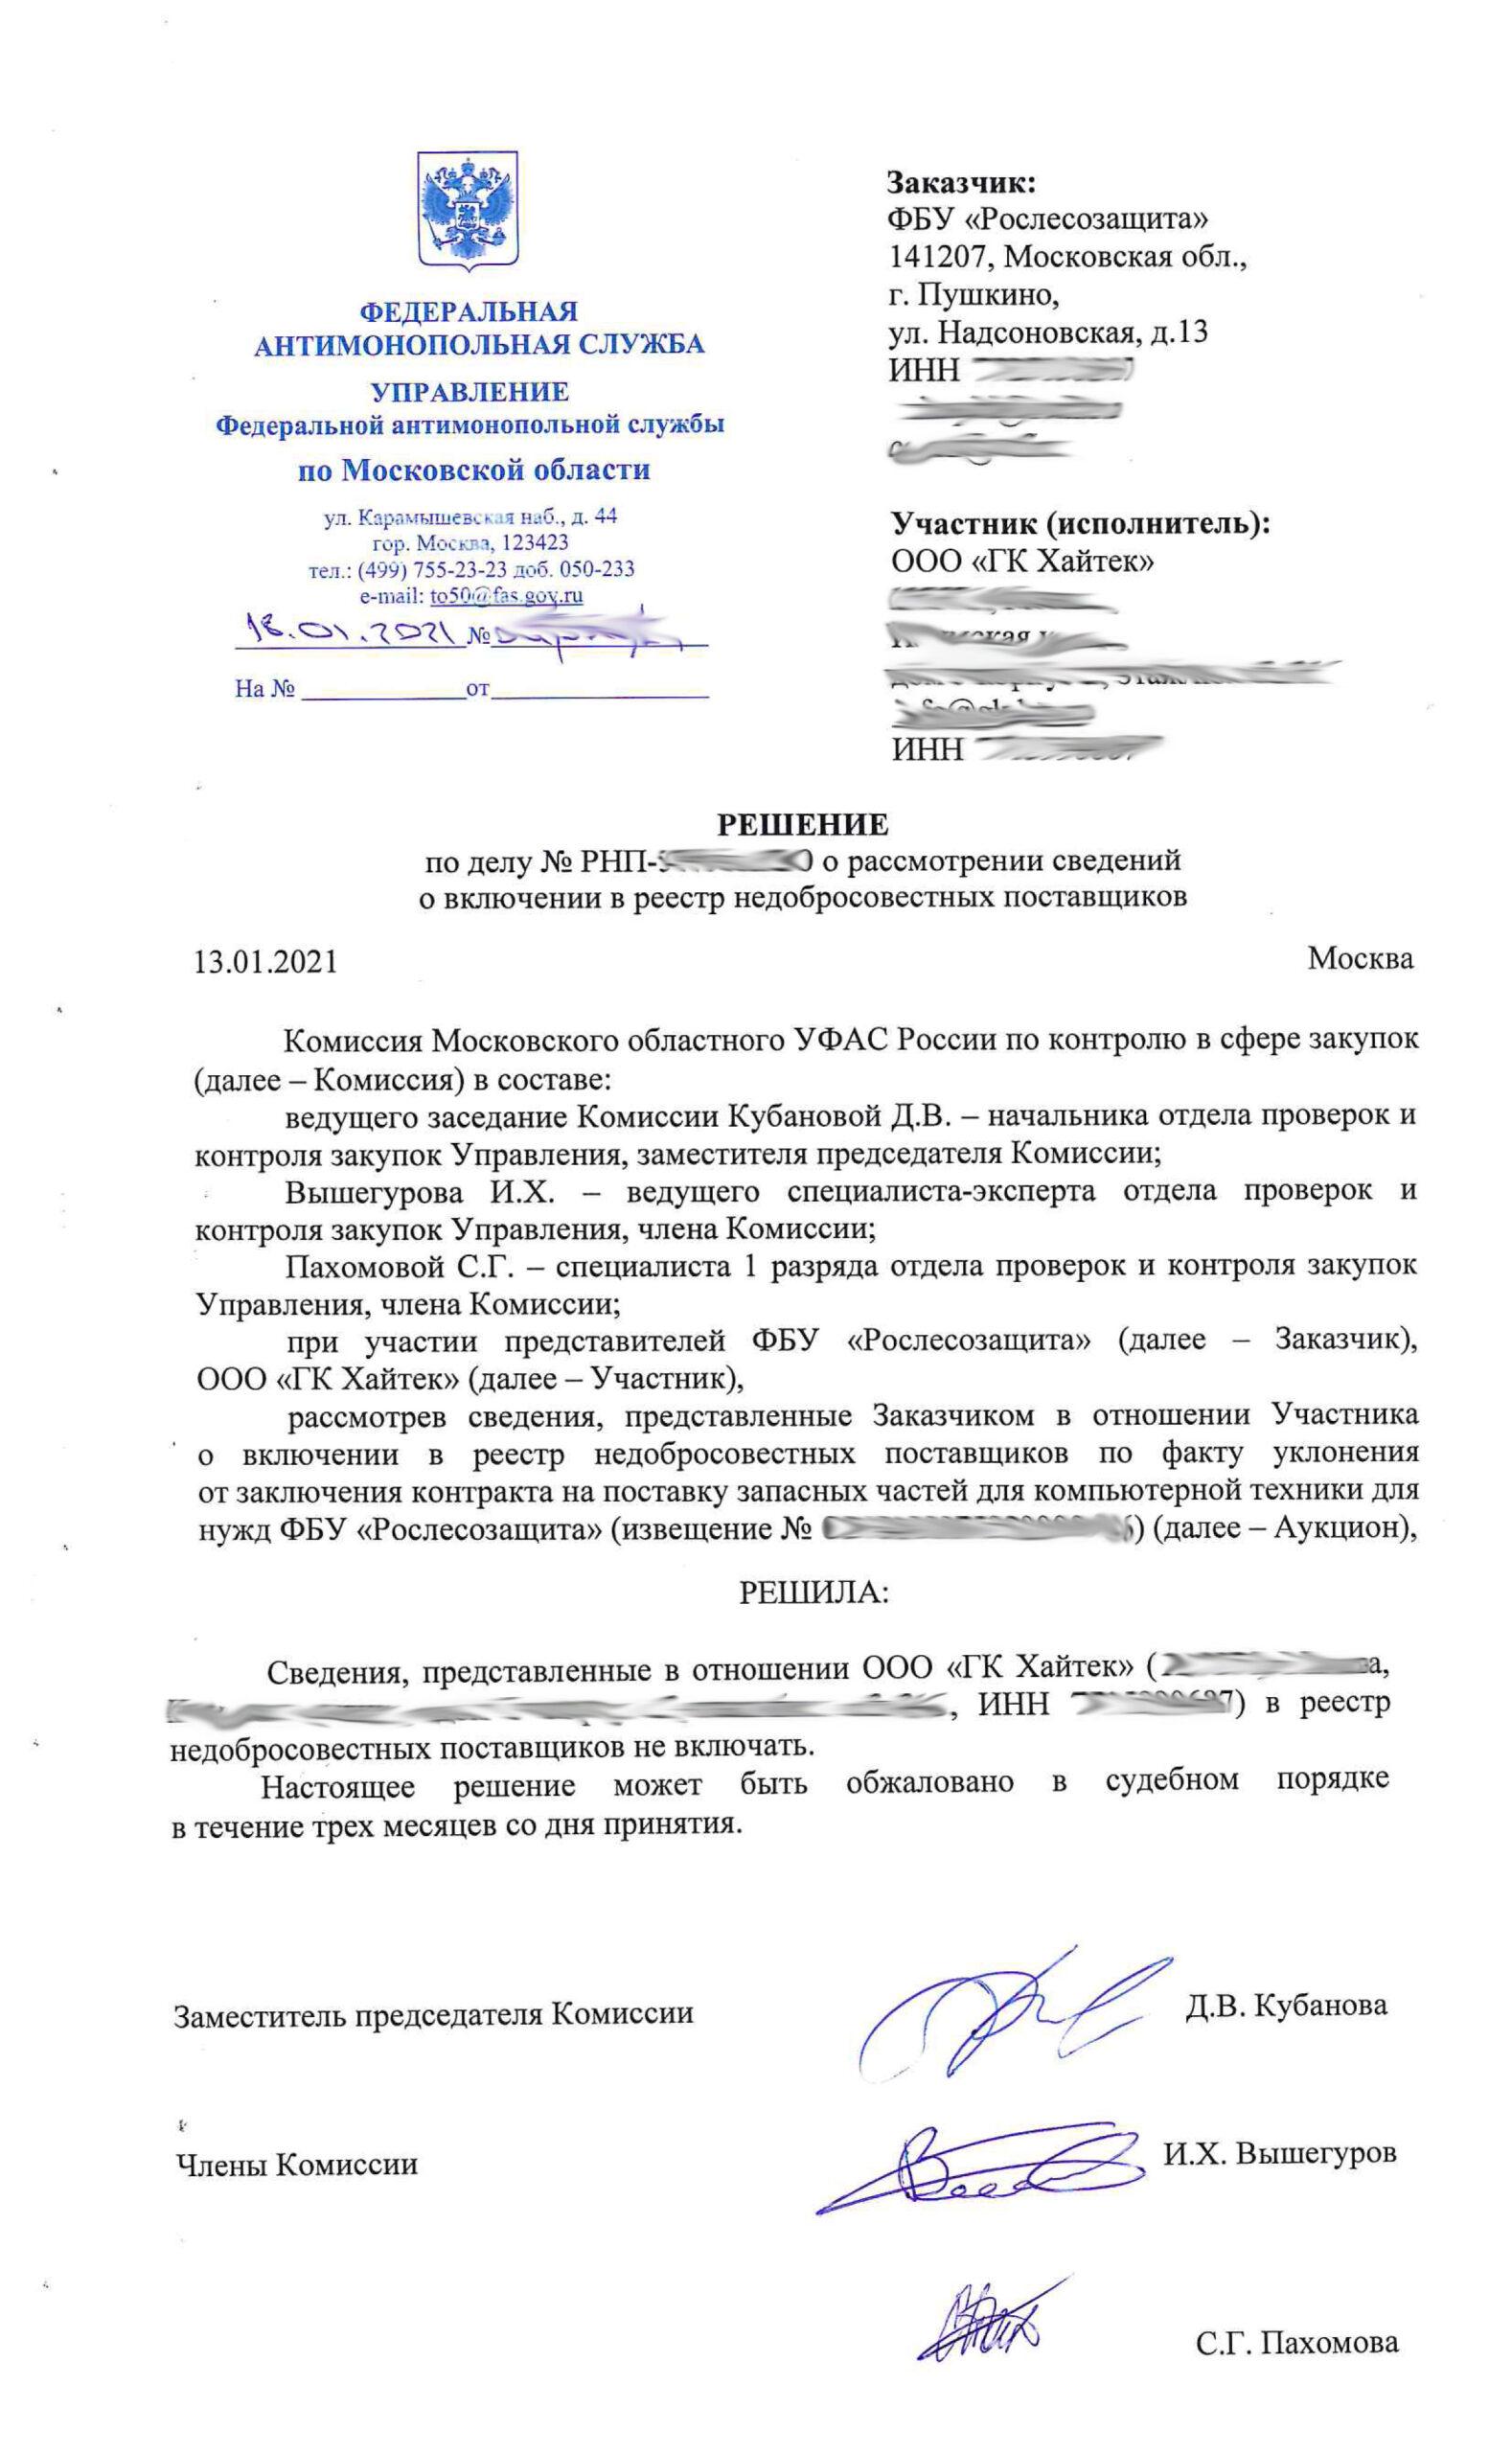 УФАС по Московской области ООО ГК Хайтек